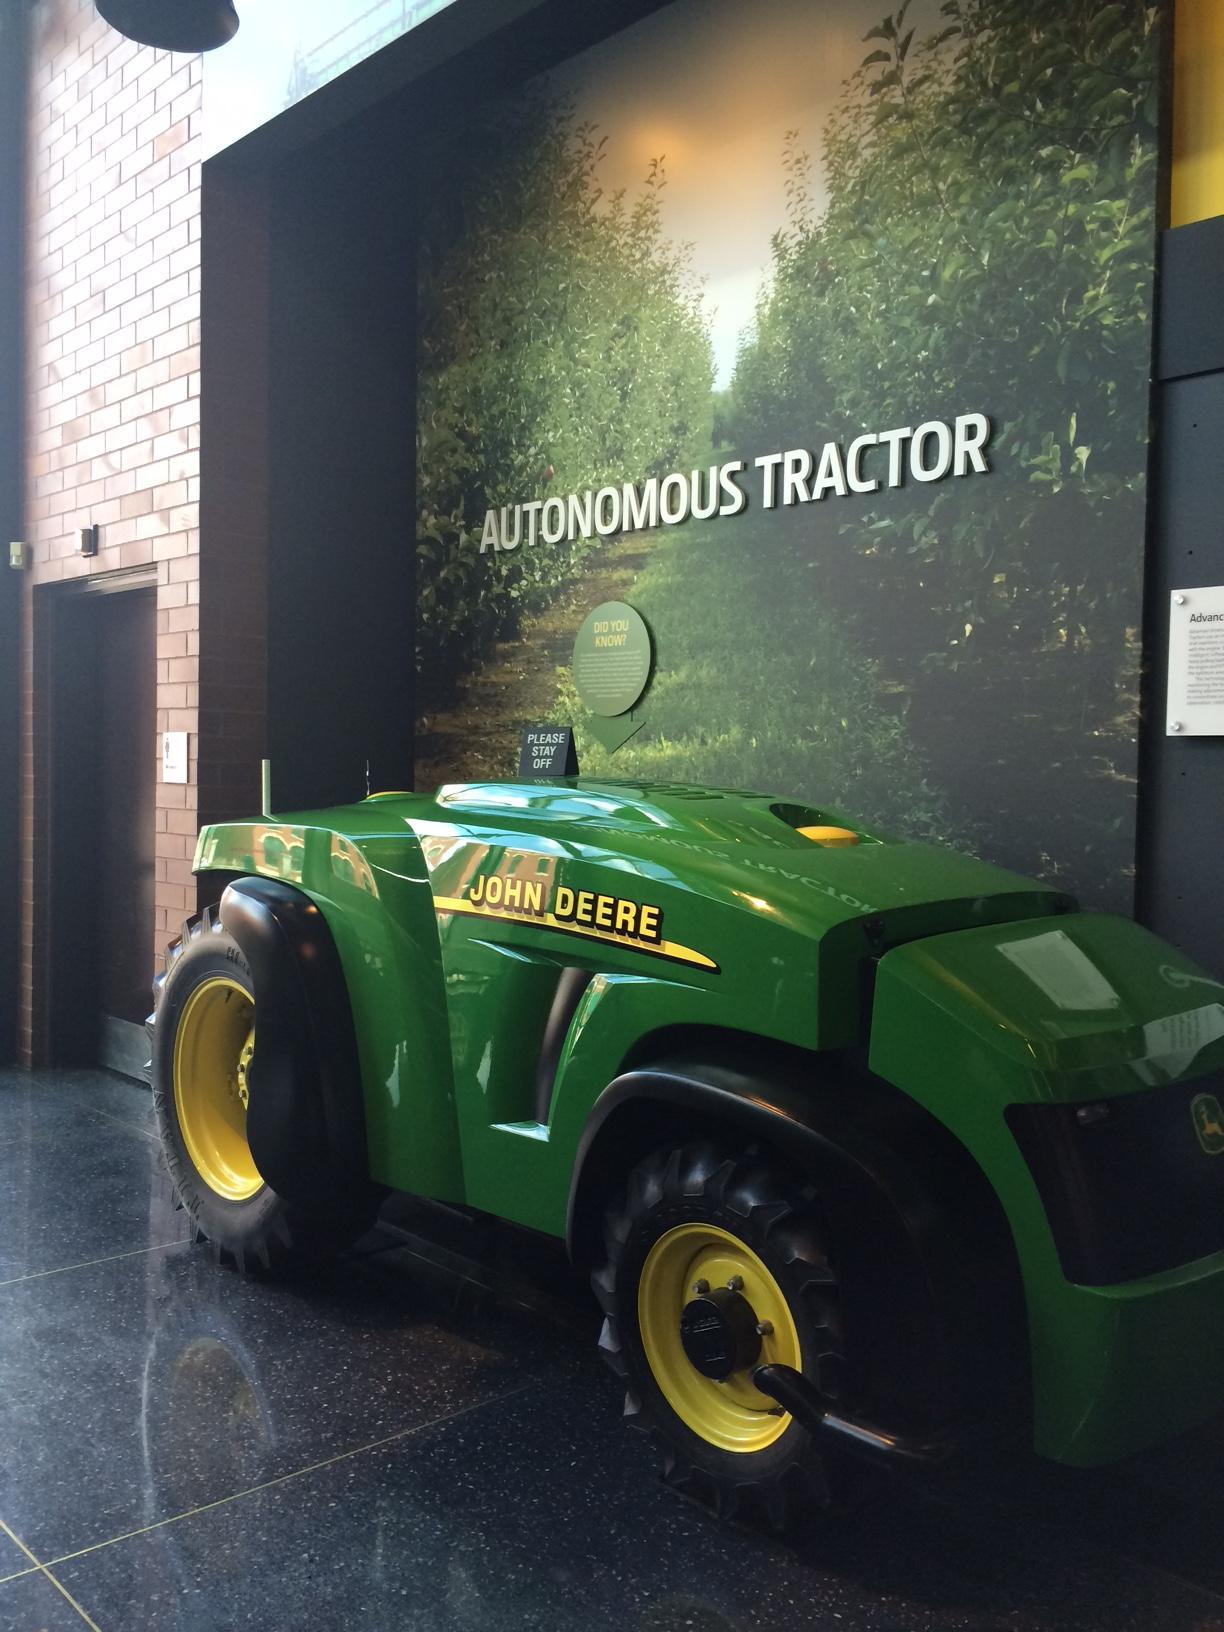 Autonomous_tractors_1.jpg